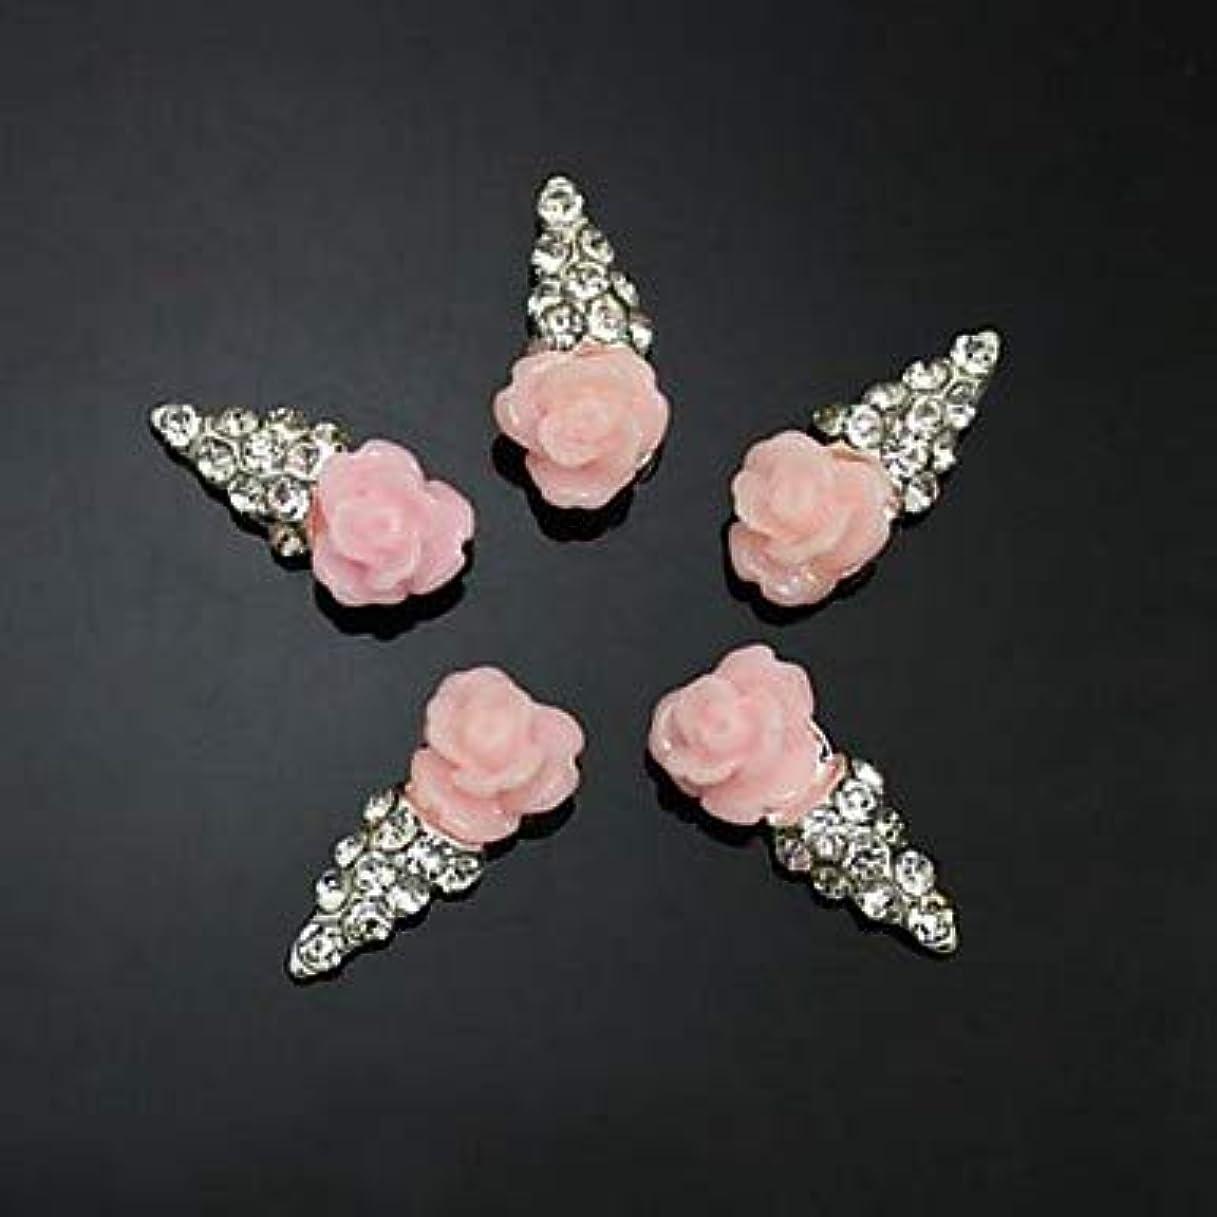 敵意限りオーディション10ピースピンクの花の形のアイスクリーム3dラインストーンdiyアクセサリーネイルアートデコレーション